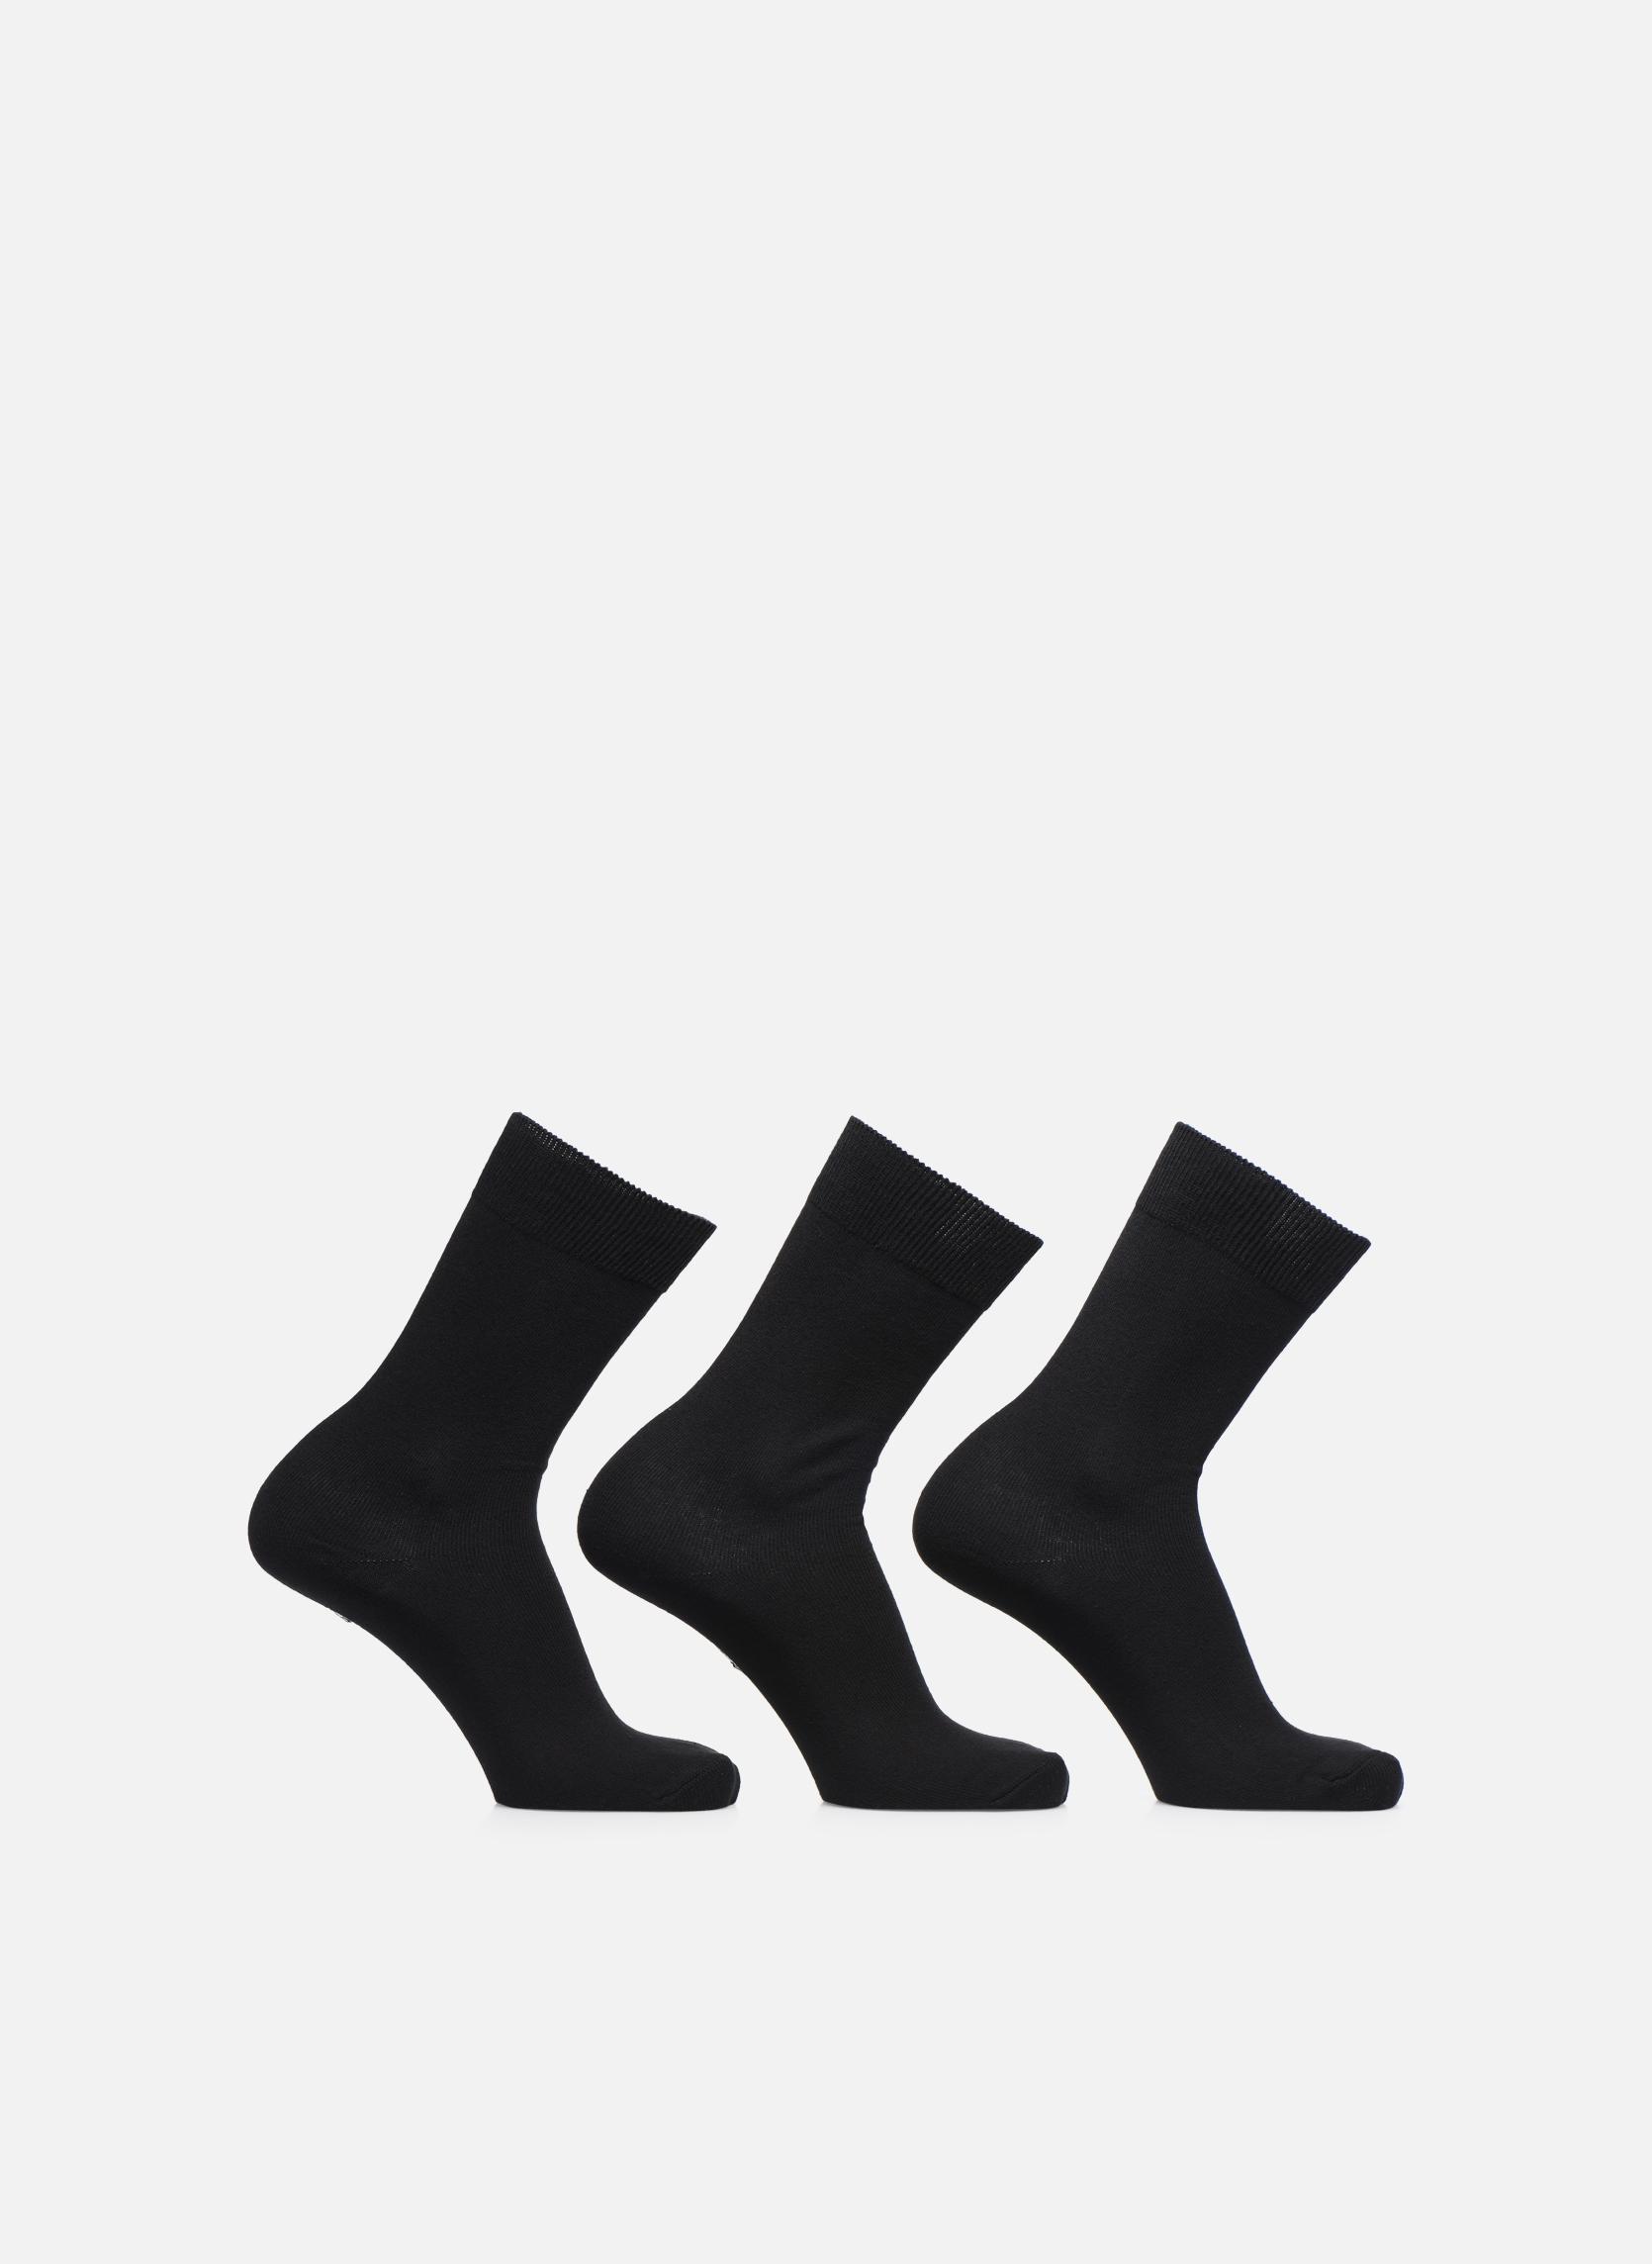 Chaussettes Homme pack de 3 Fil d'ecosse unies Noir